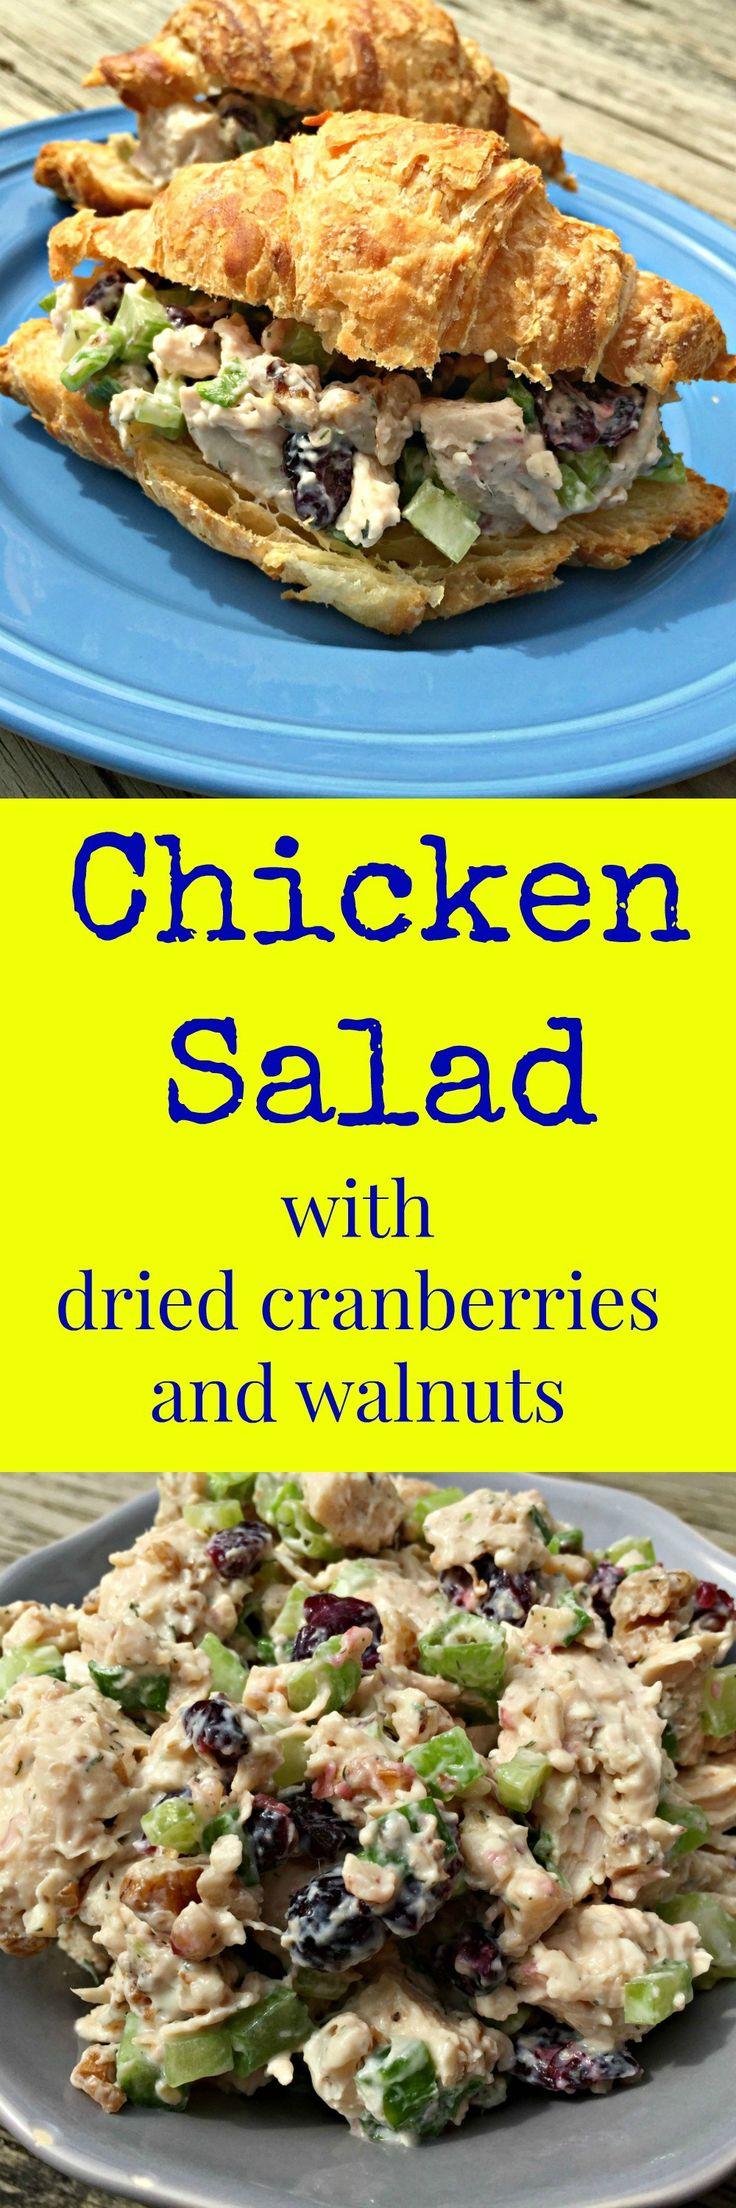 chicken.salad.cranberries.walnuts